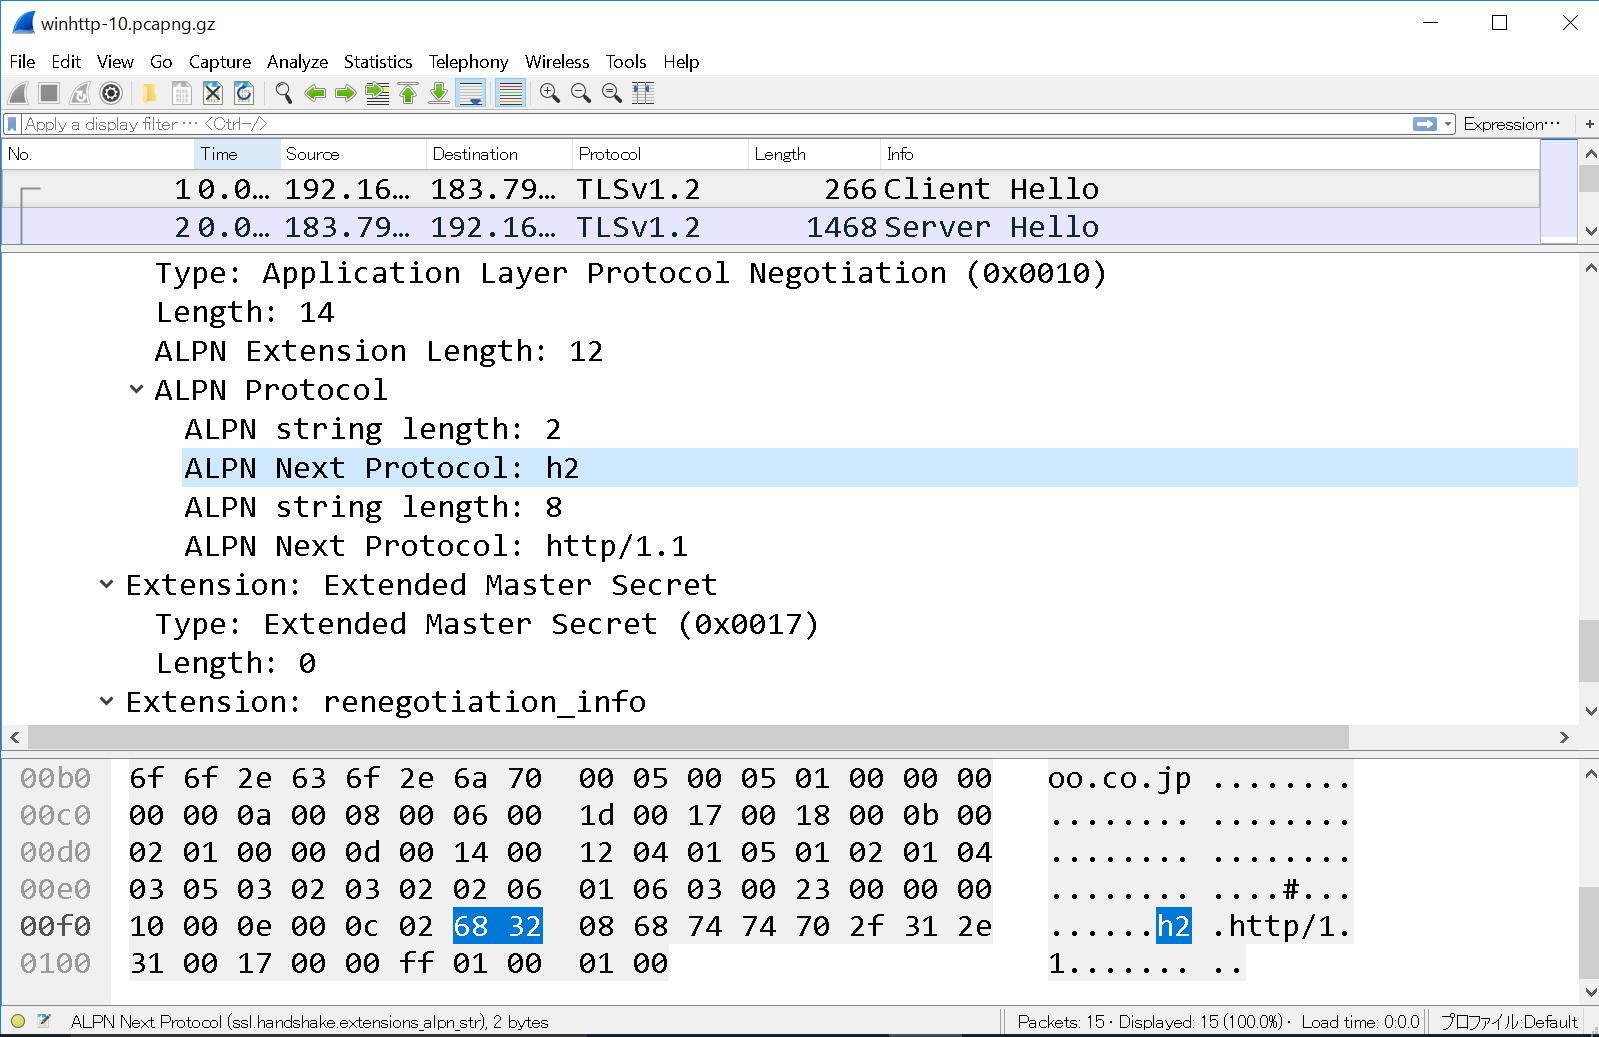 WinHTTPによるTLSのCLIENT HELLO。ALPNでh2とhttp/1.1が指定されている。